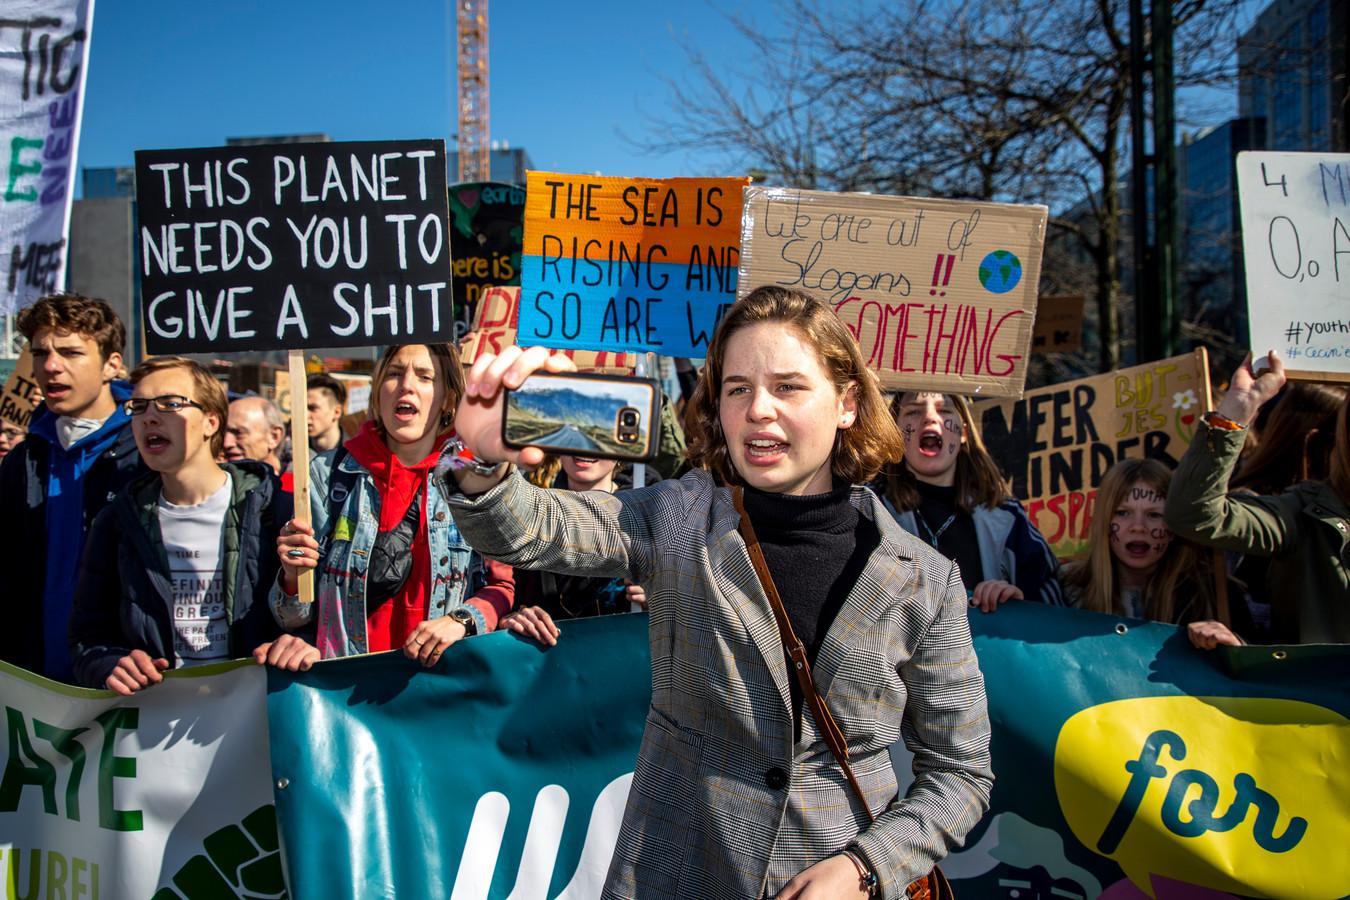 """De VRT erkent dat ze veel bericht heeft over de klimaatmarsen, """"maar te weinig de kritische stem heeft aangevoeld van mensen die het beu waren""""."""